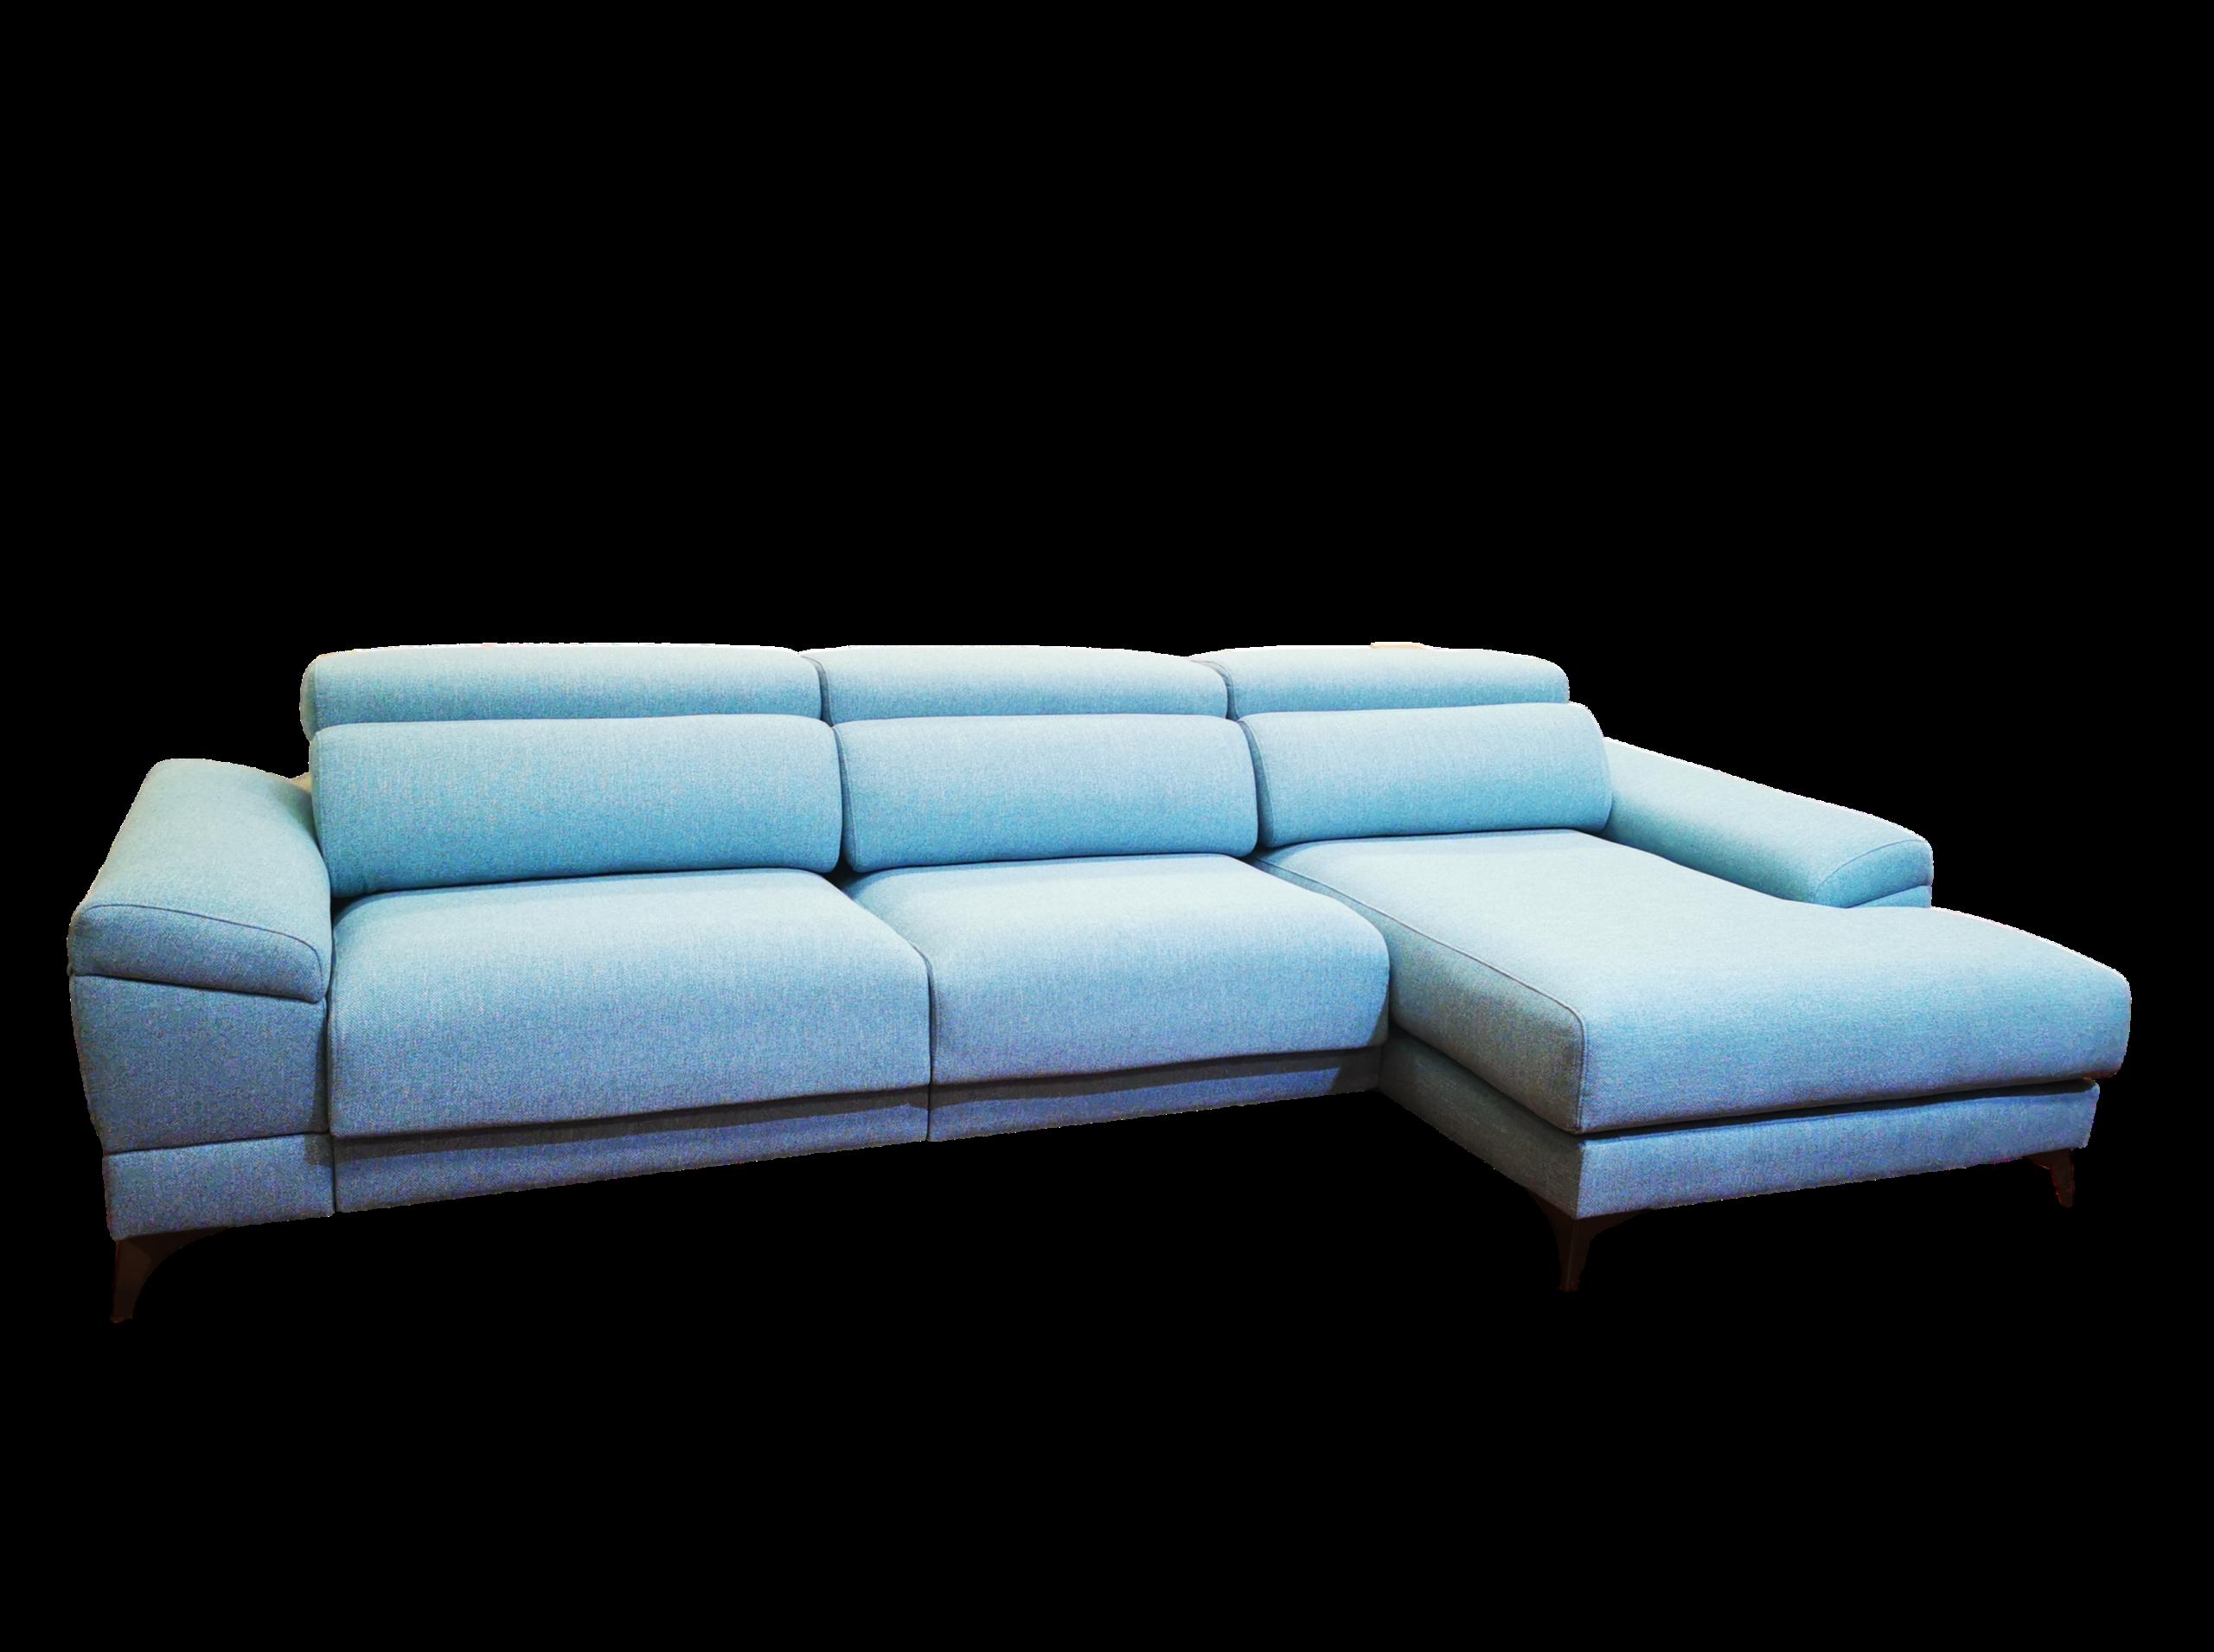 sofa-modelo-arrastre-3-40-mt-1-499e